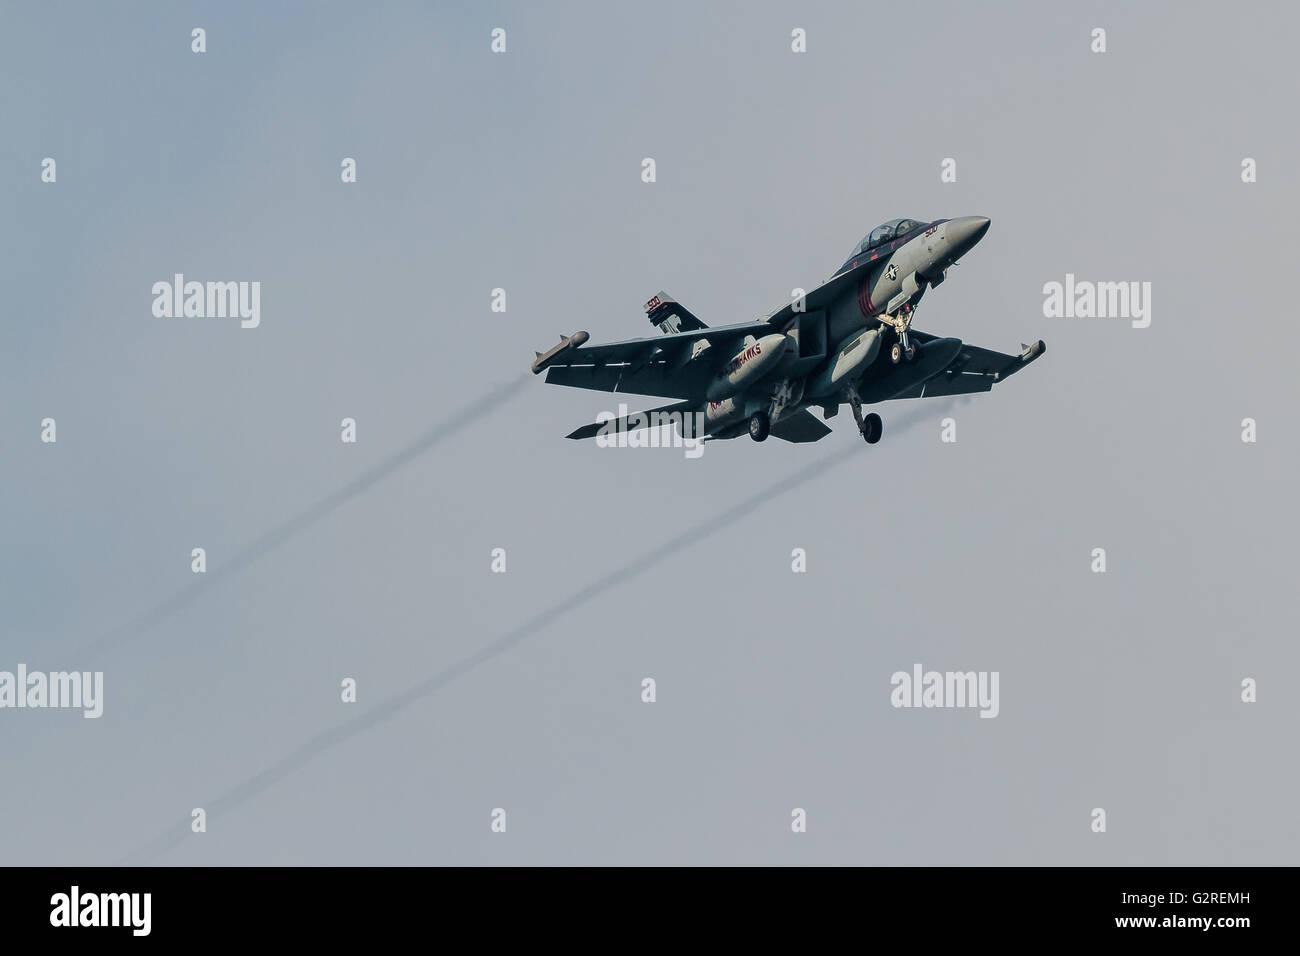 Un chasseur à réaction Boeing EA-18 G Growler avec le VAQ-141, escadron d'Attaque électronique de la marine américaine, connu sous le nom de 'Shadowhawkss' qui survole Kanagawa, Japon Banque D'Images